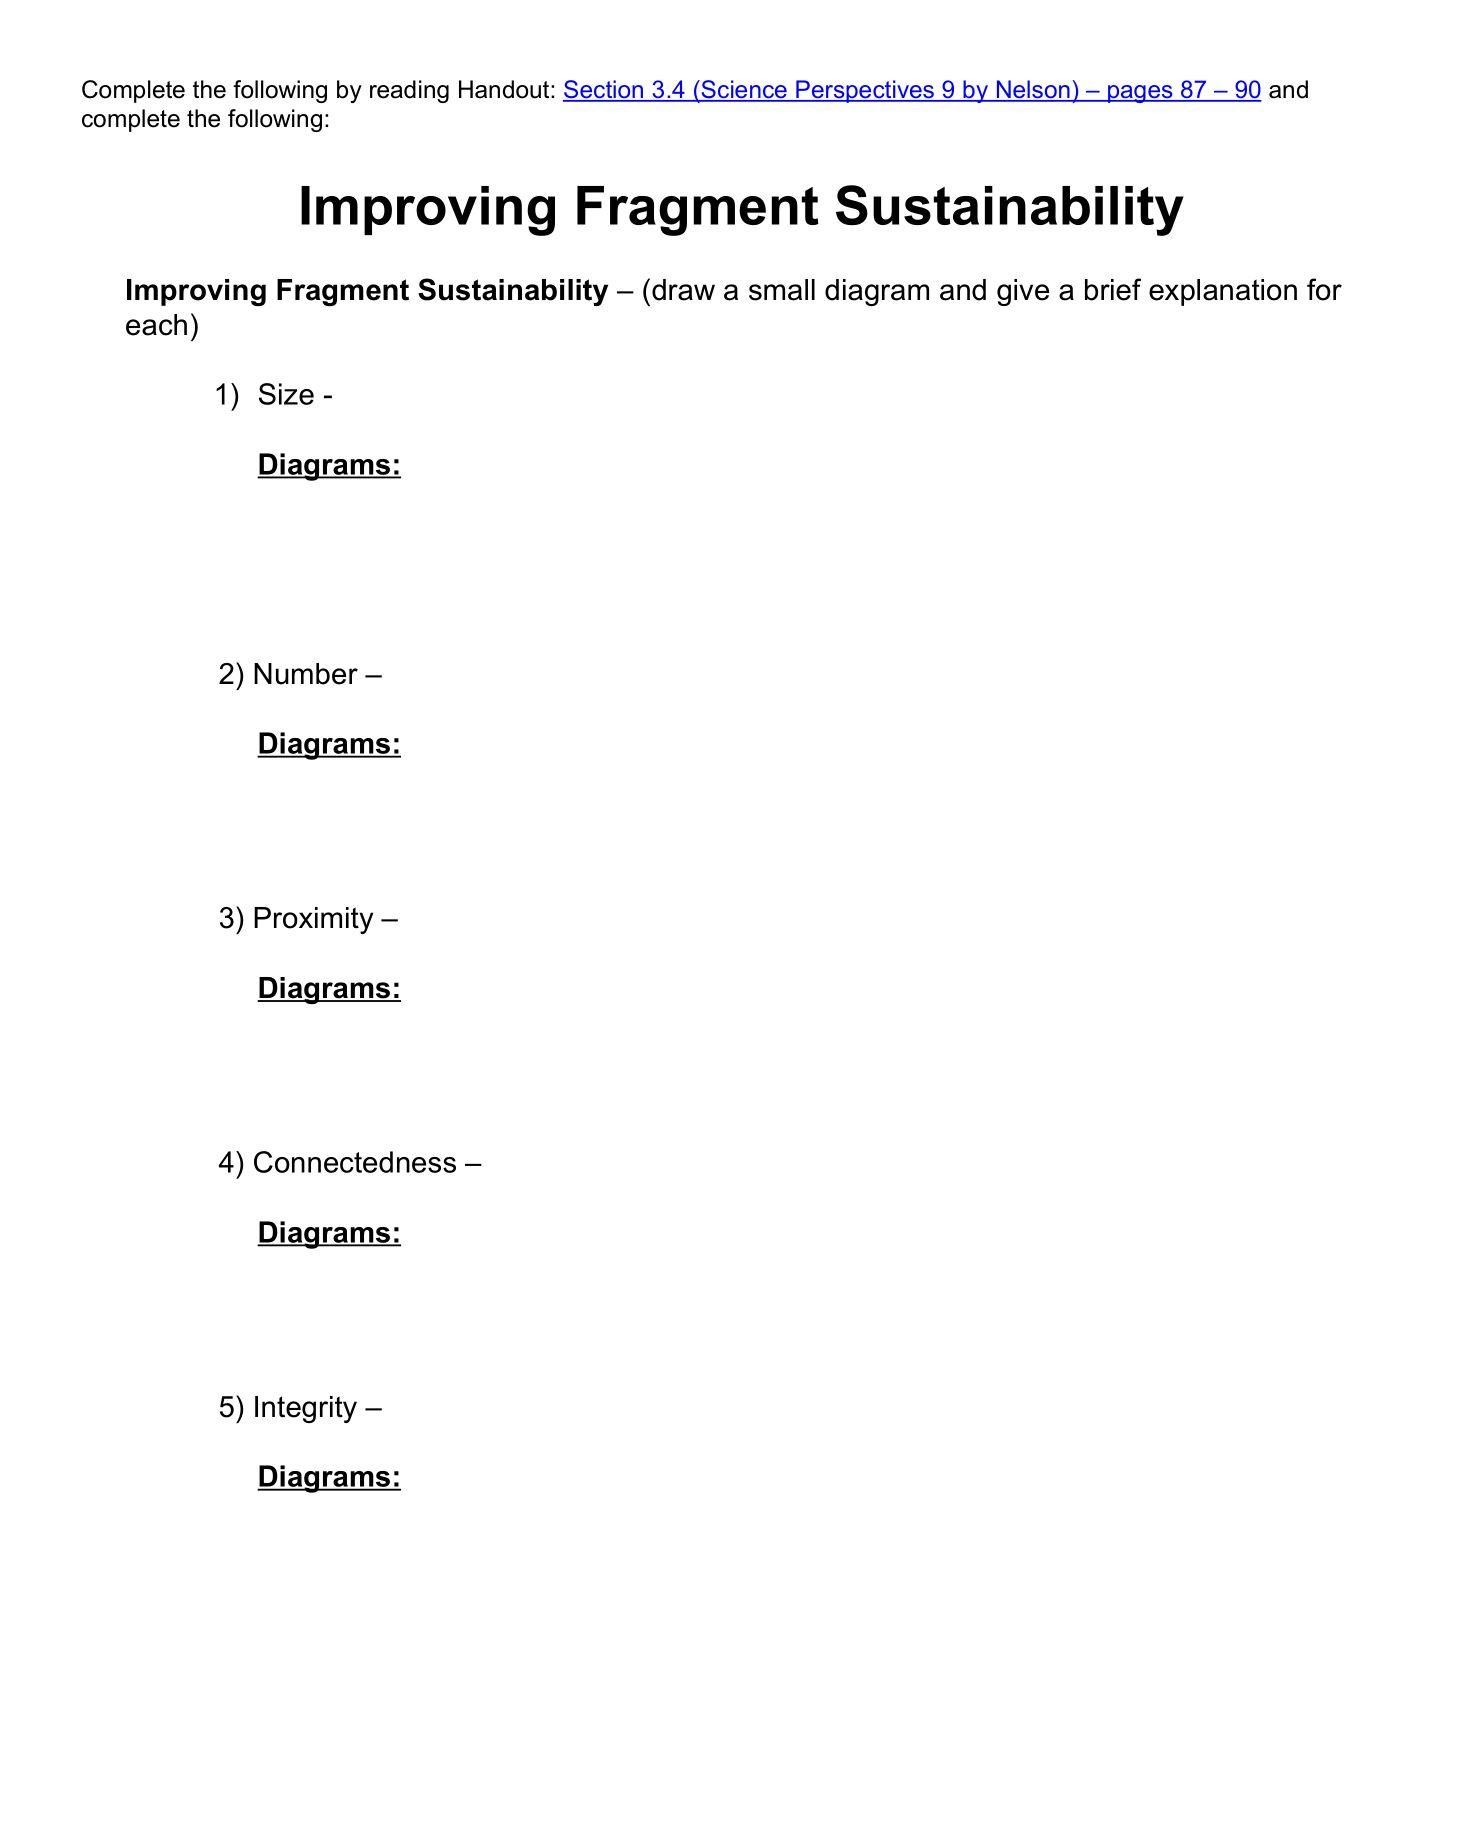 Improving Fragment Sustainability